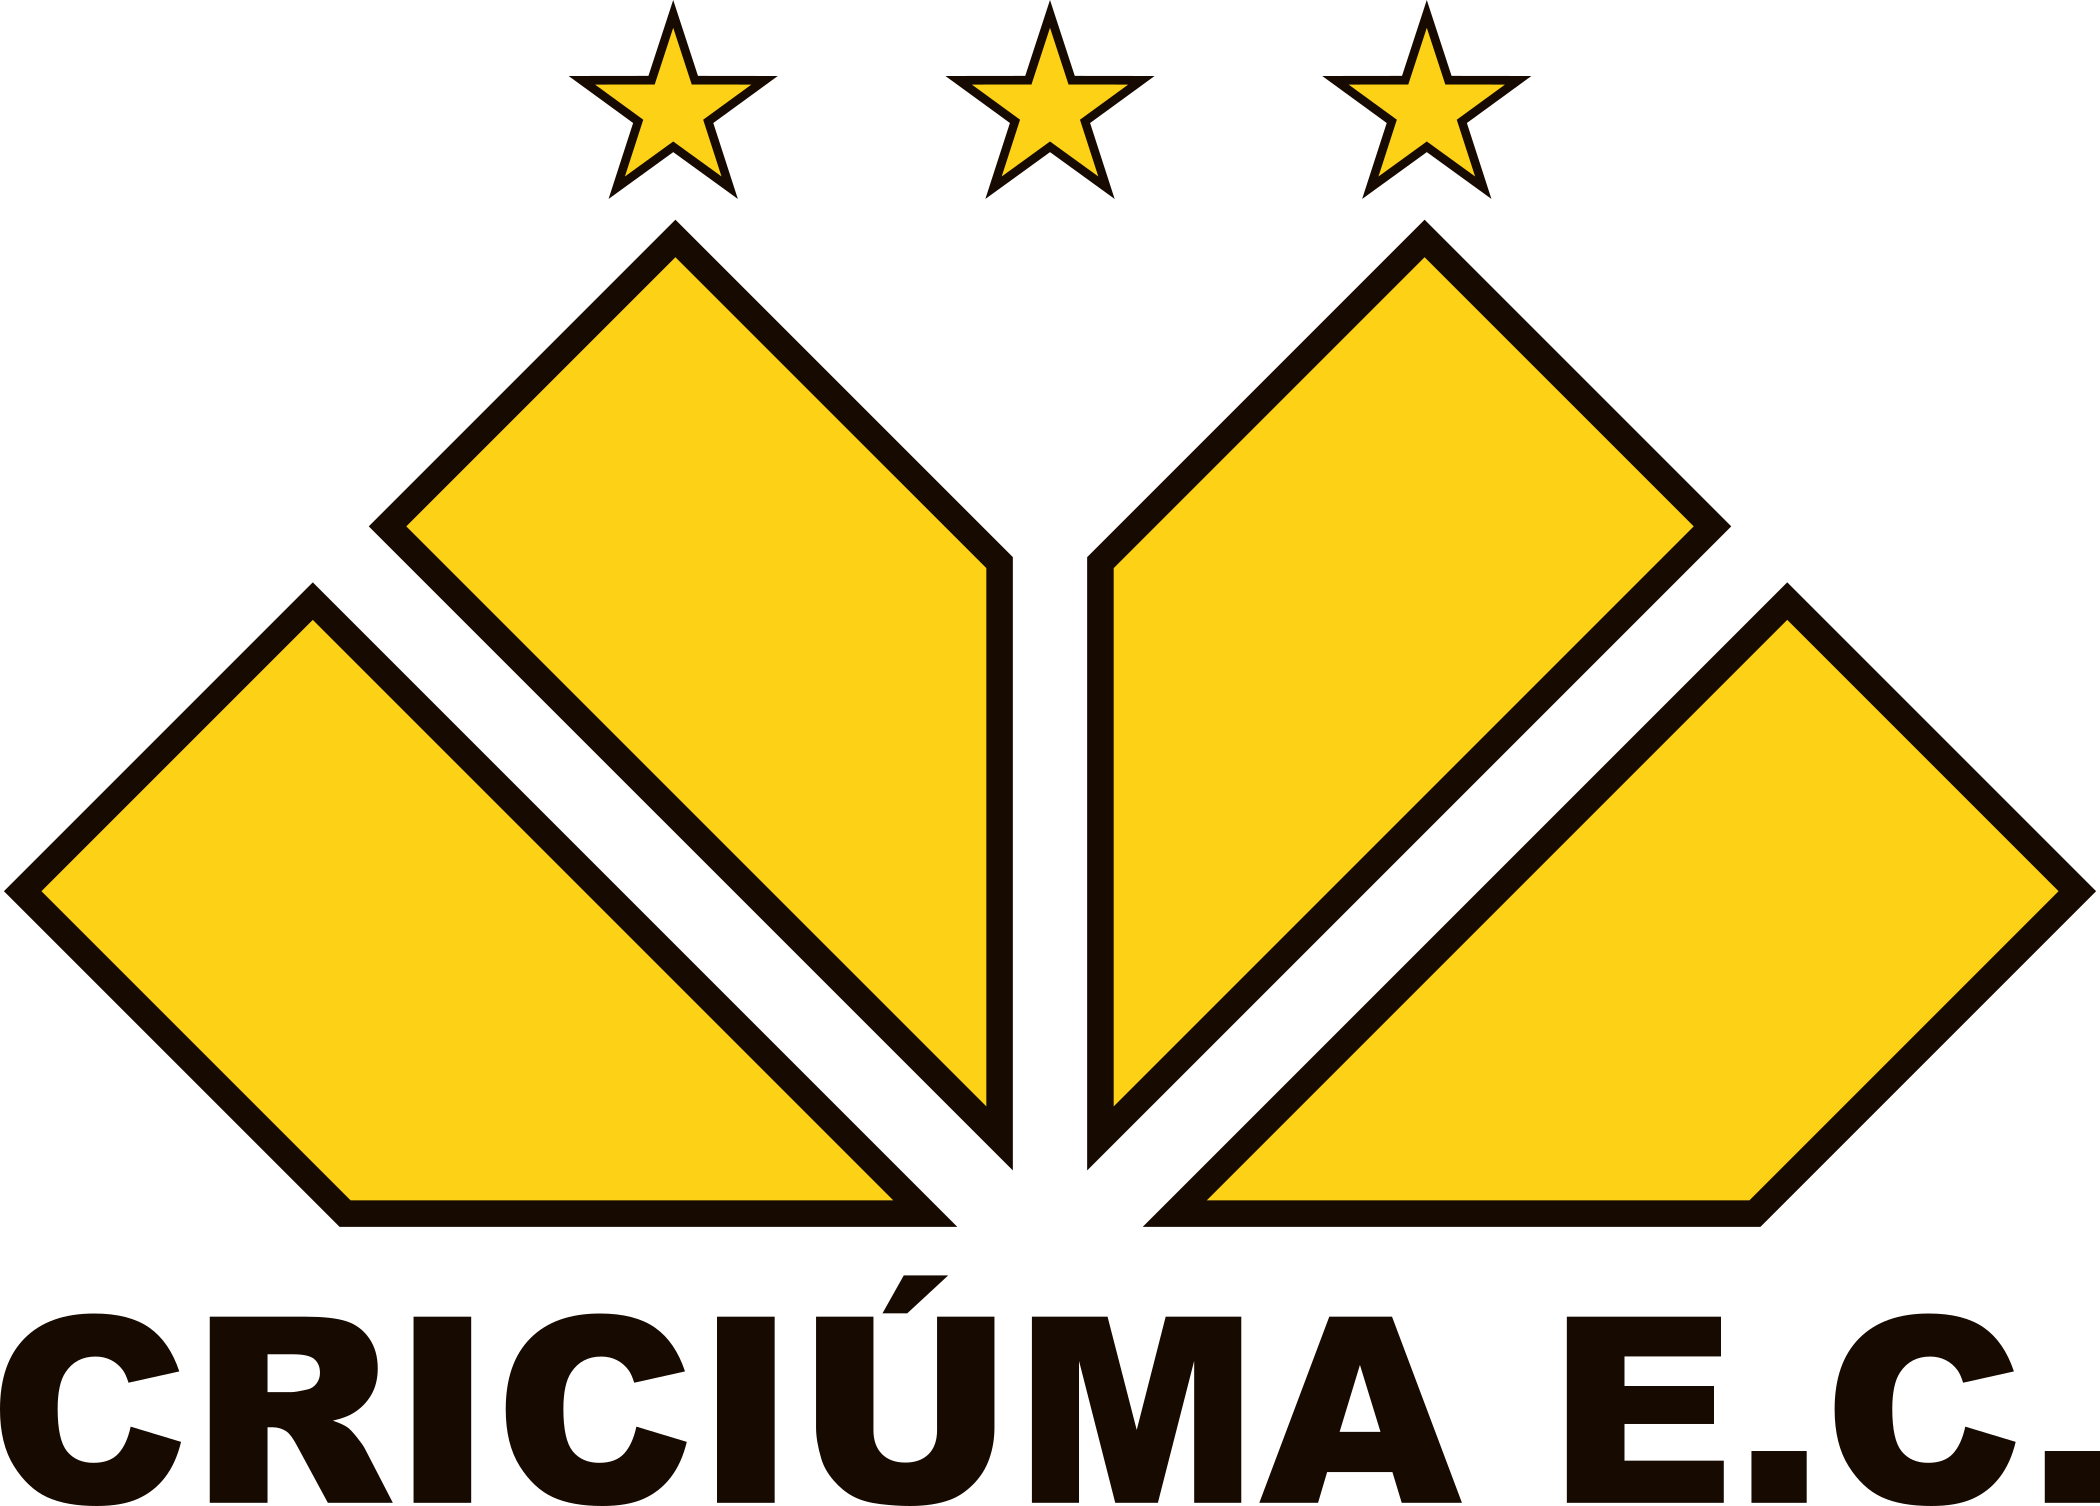 Criciuma logo escudo 2 - Criciúma Logo